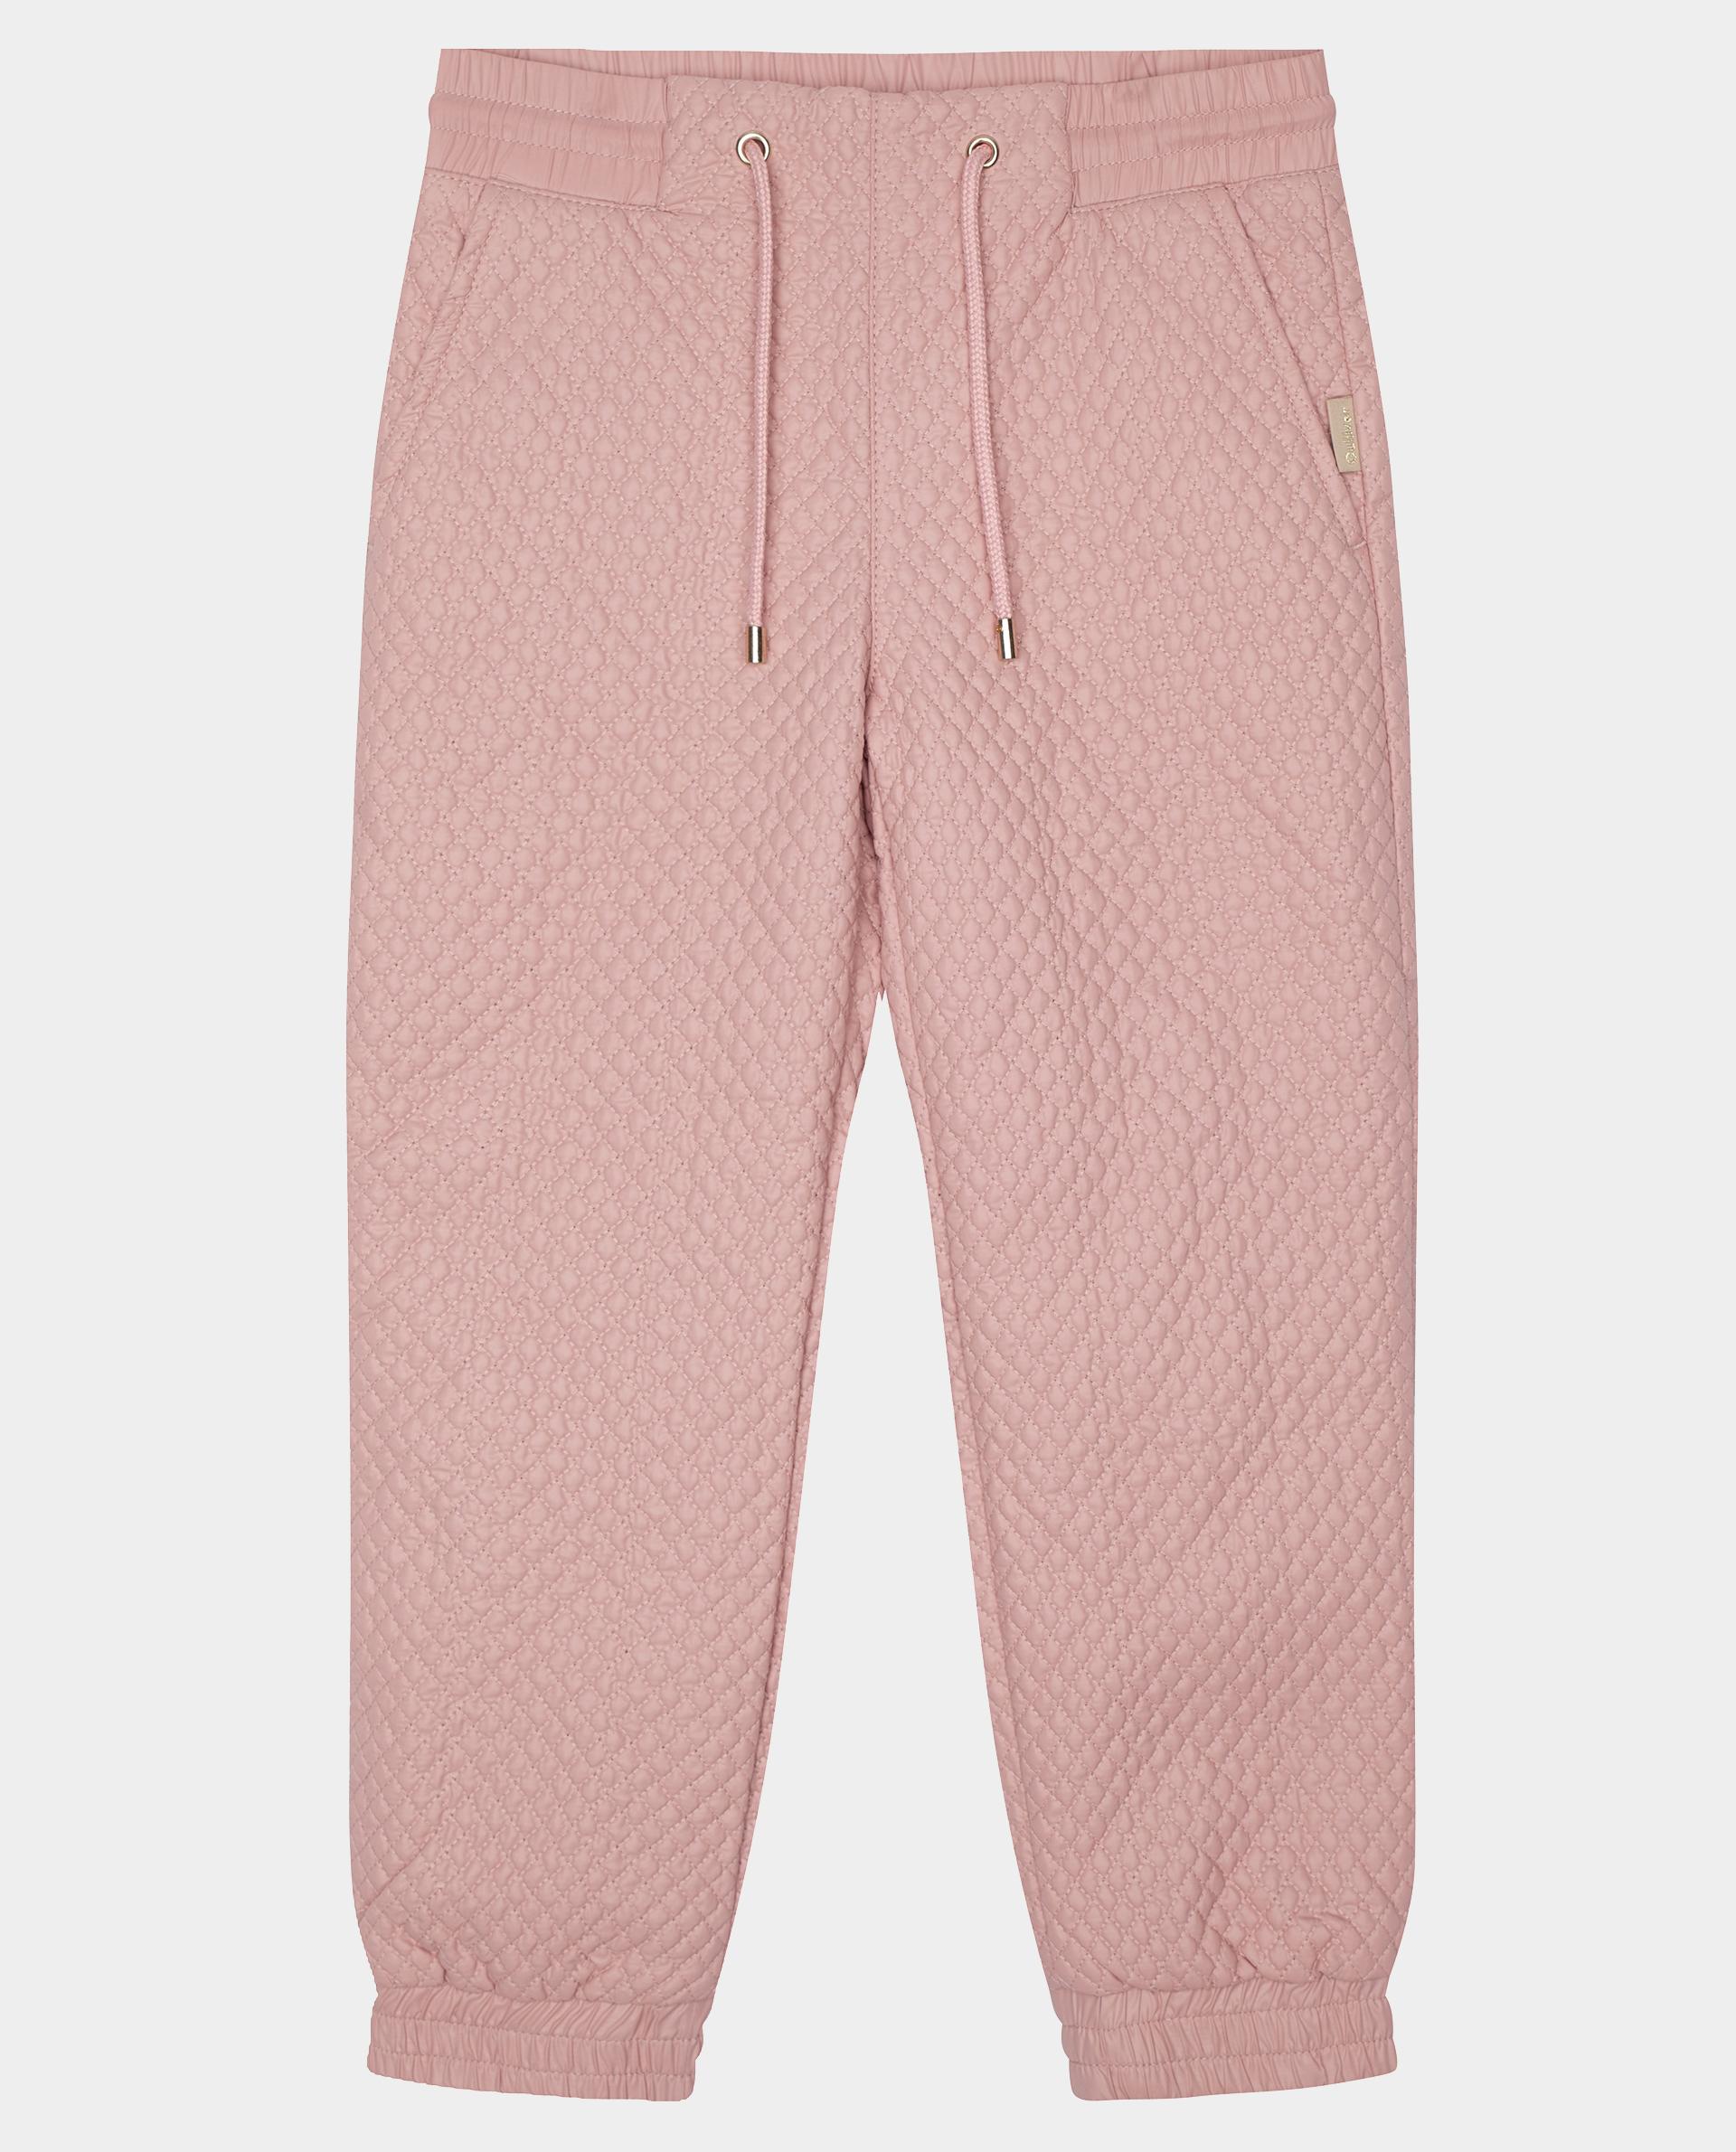 Розовые брюки утепленные демисезонные Gulliver 22001GMC6403 розового цвета